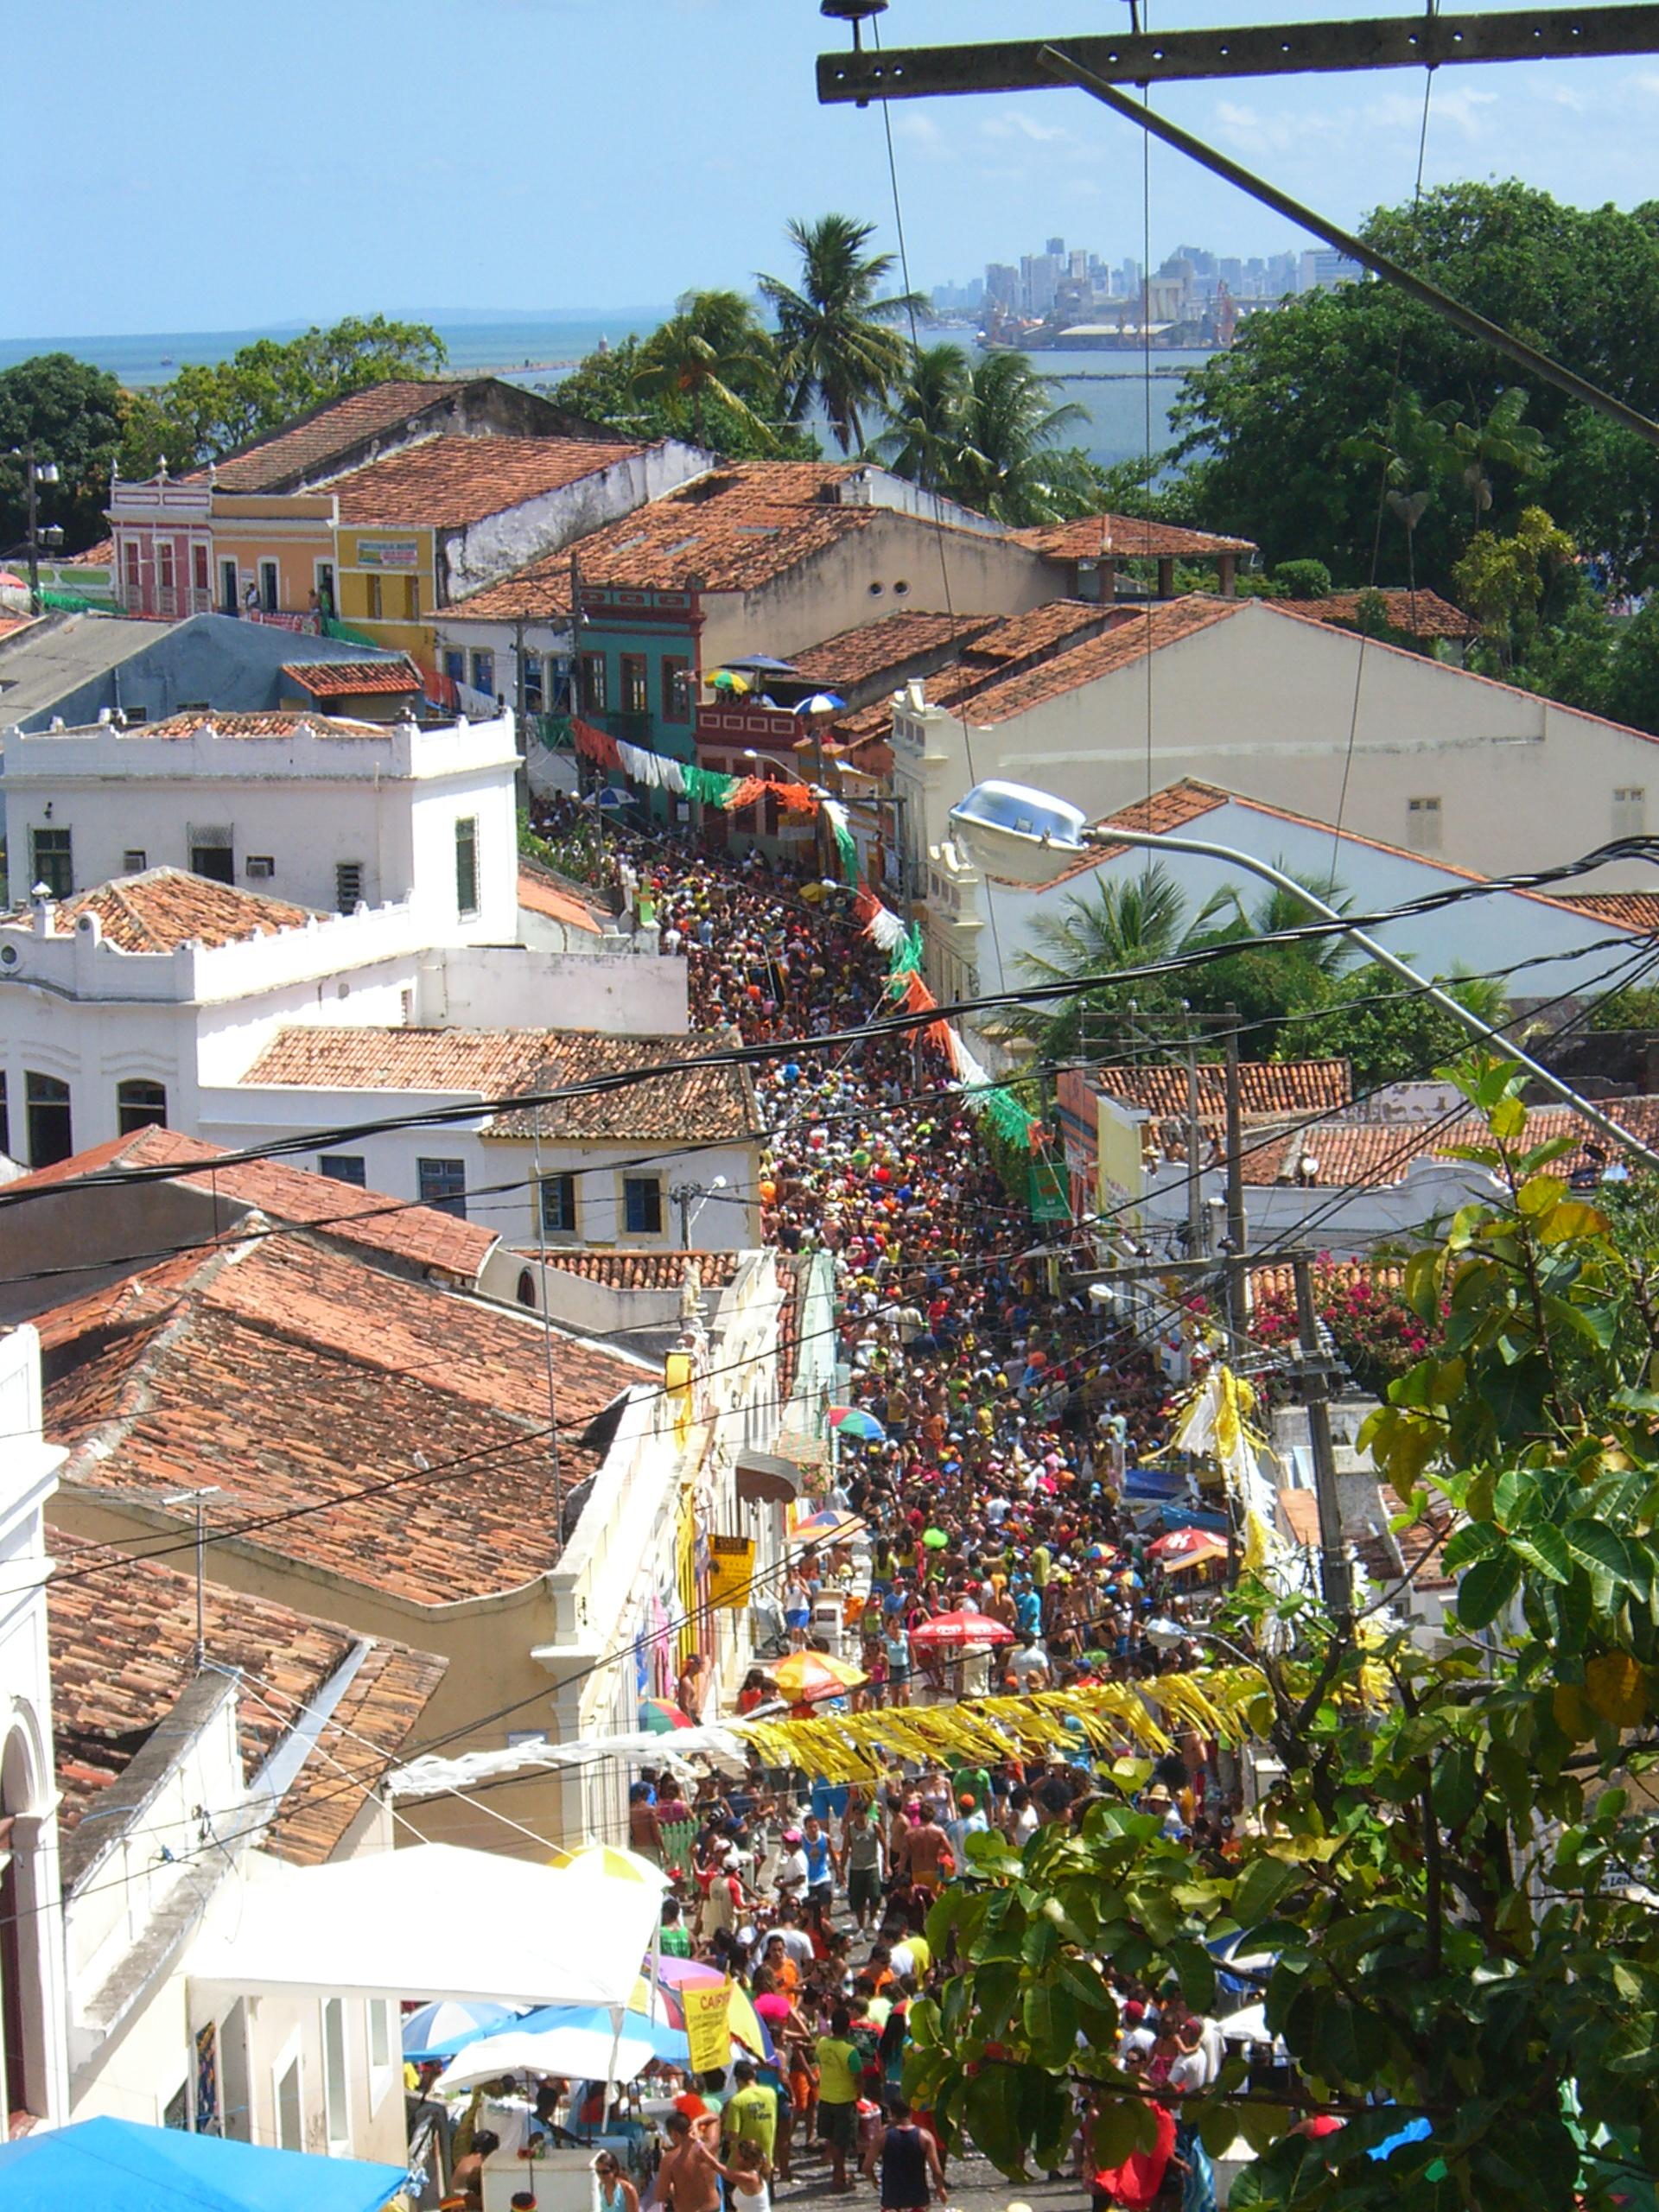 Lo que es más famoso por Brasil